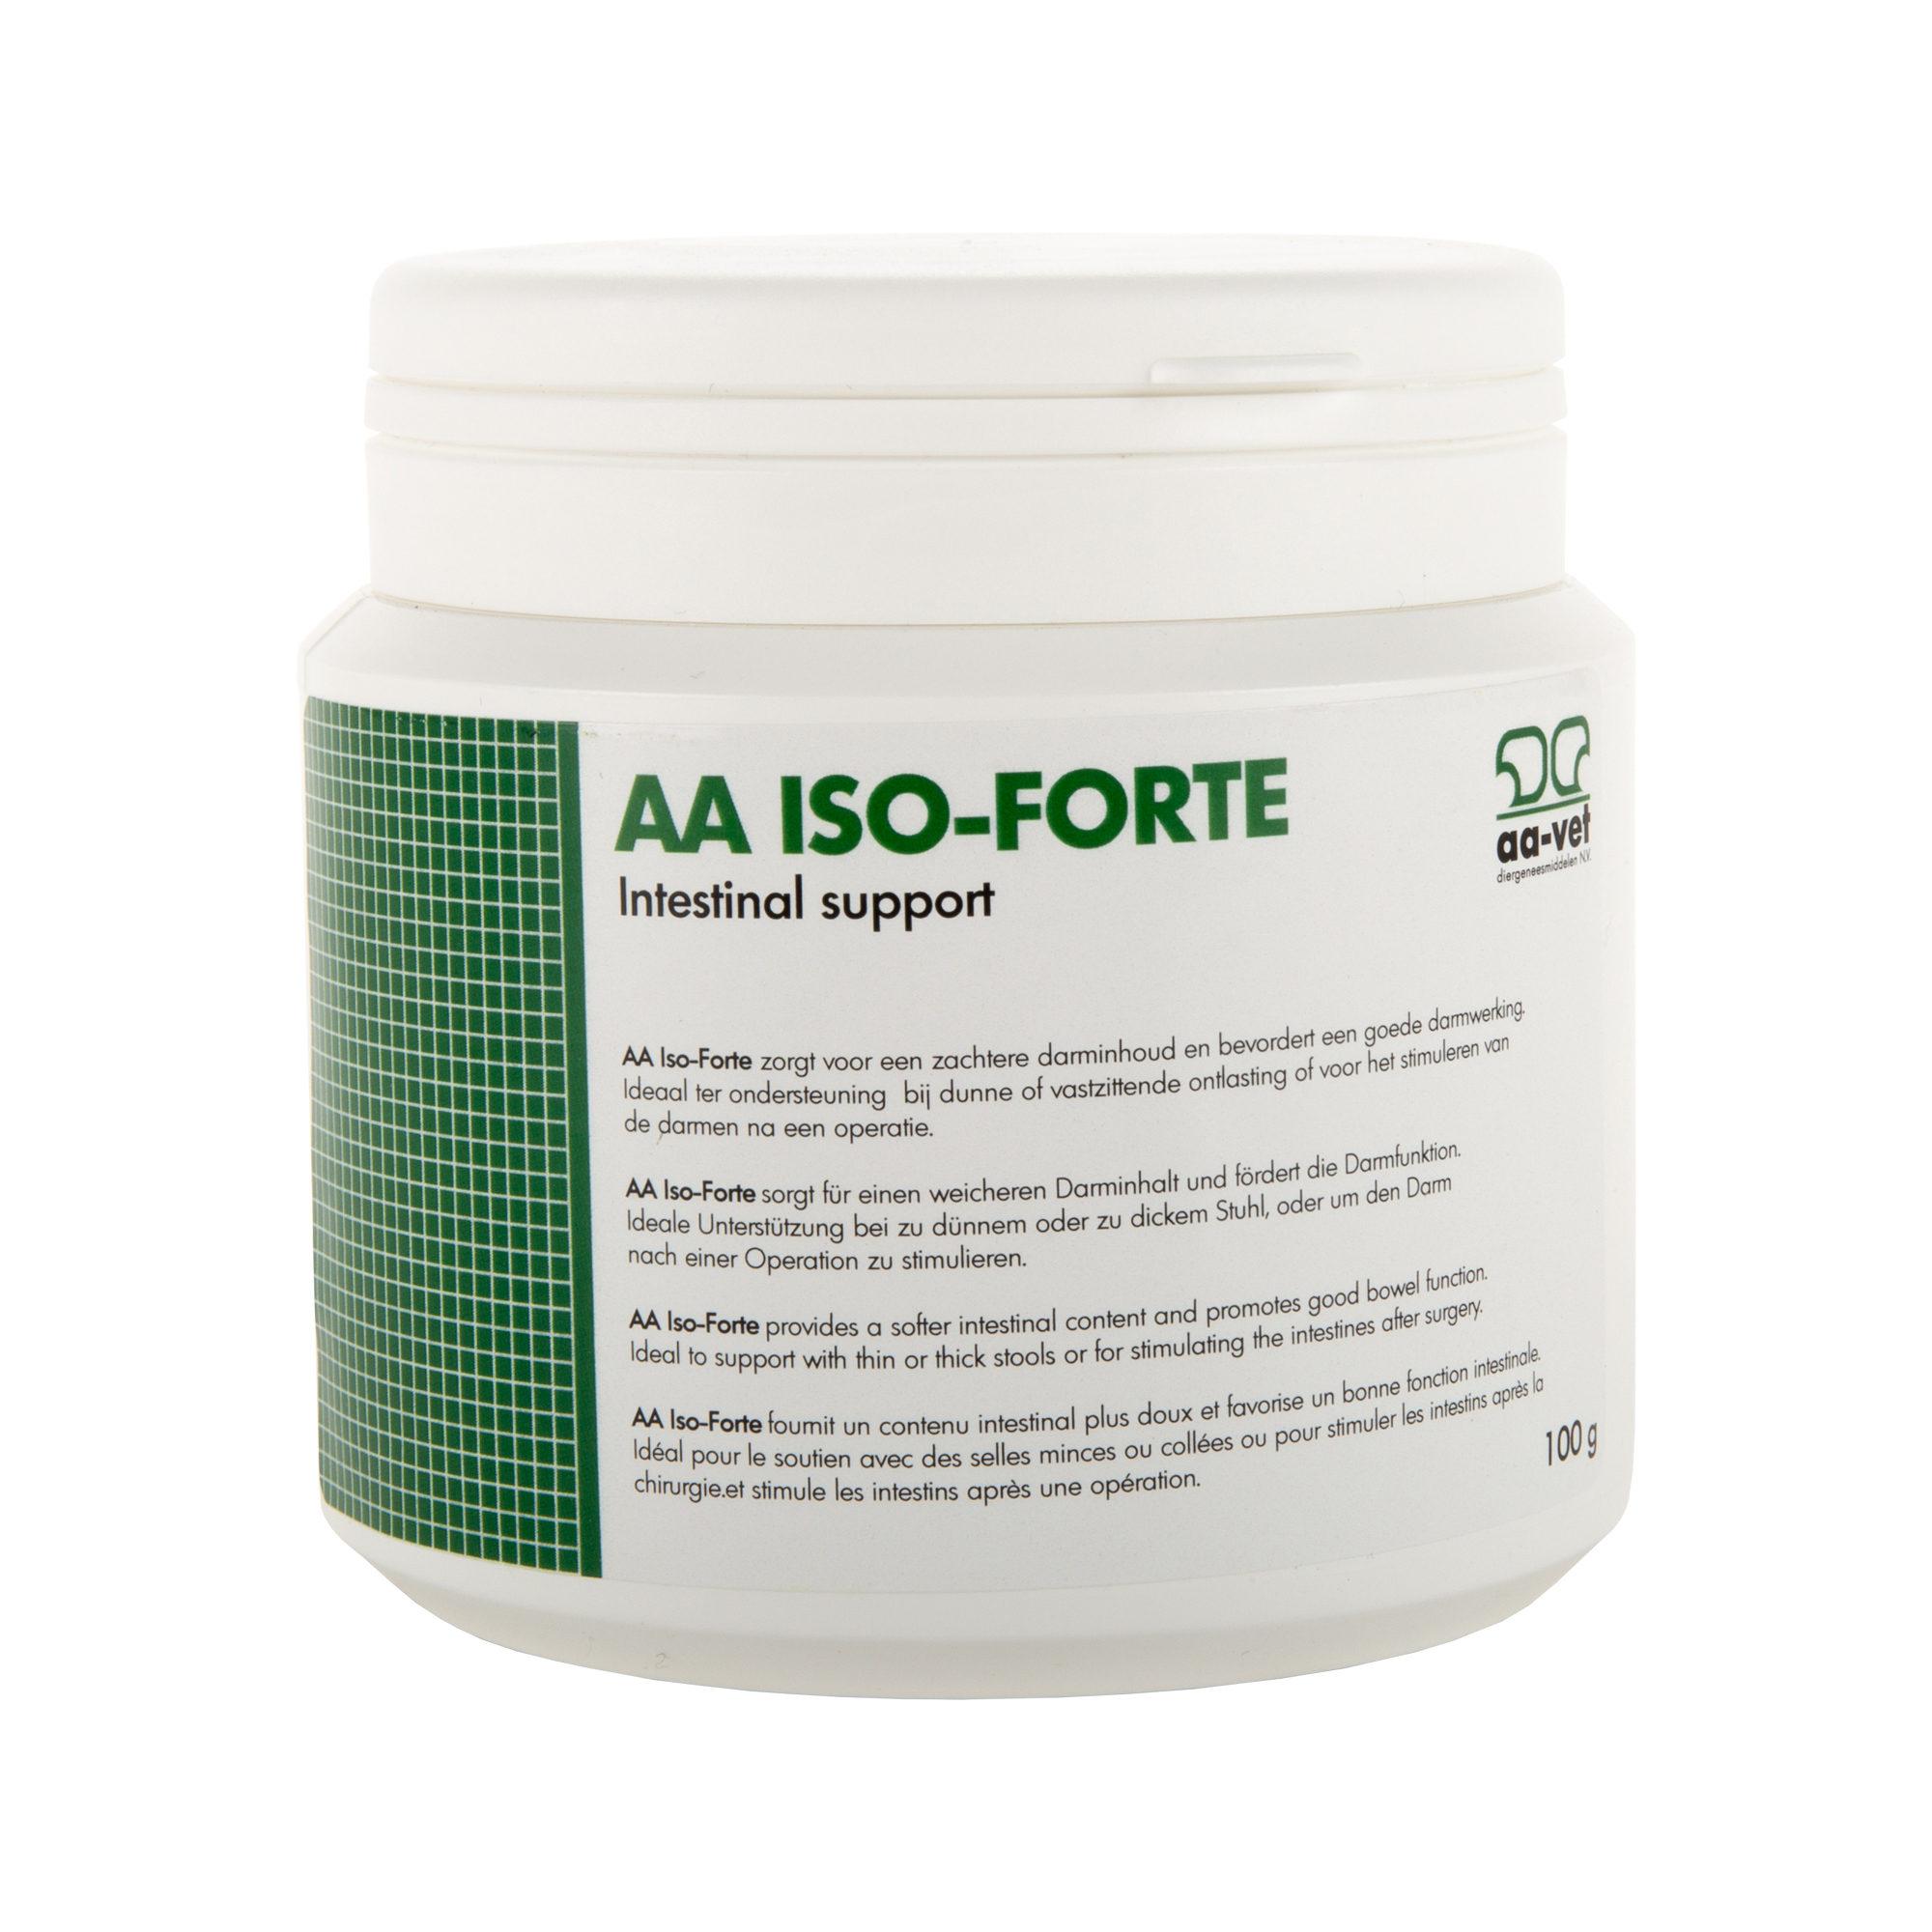 AA Iso-Forte - 100 g